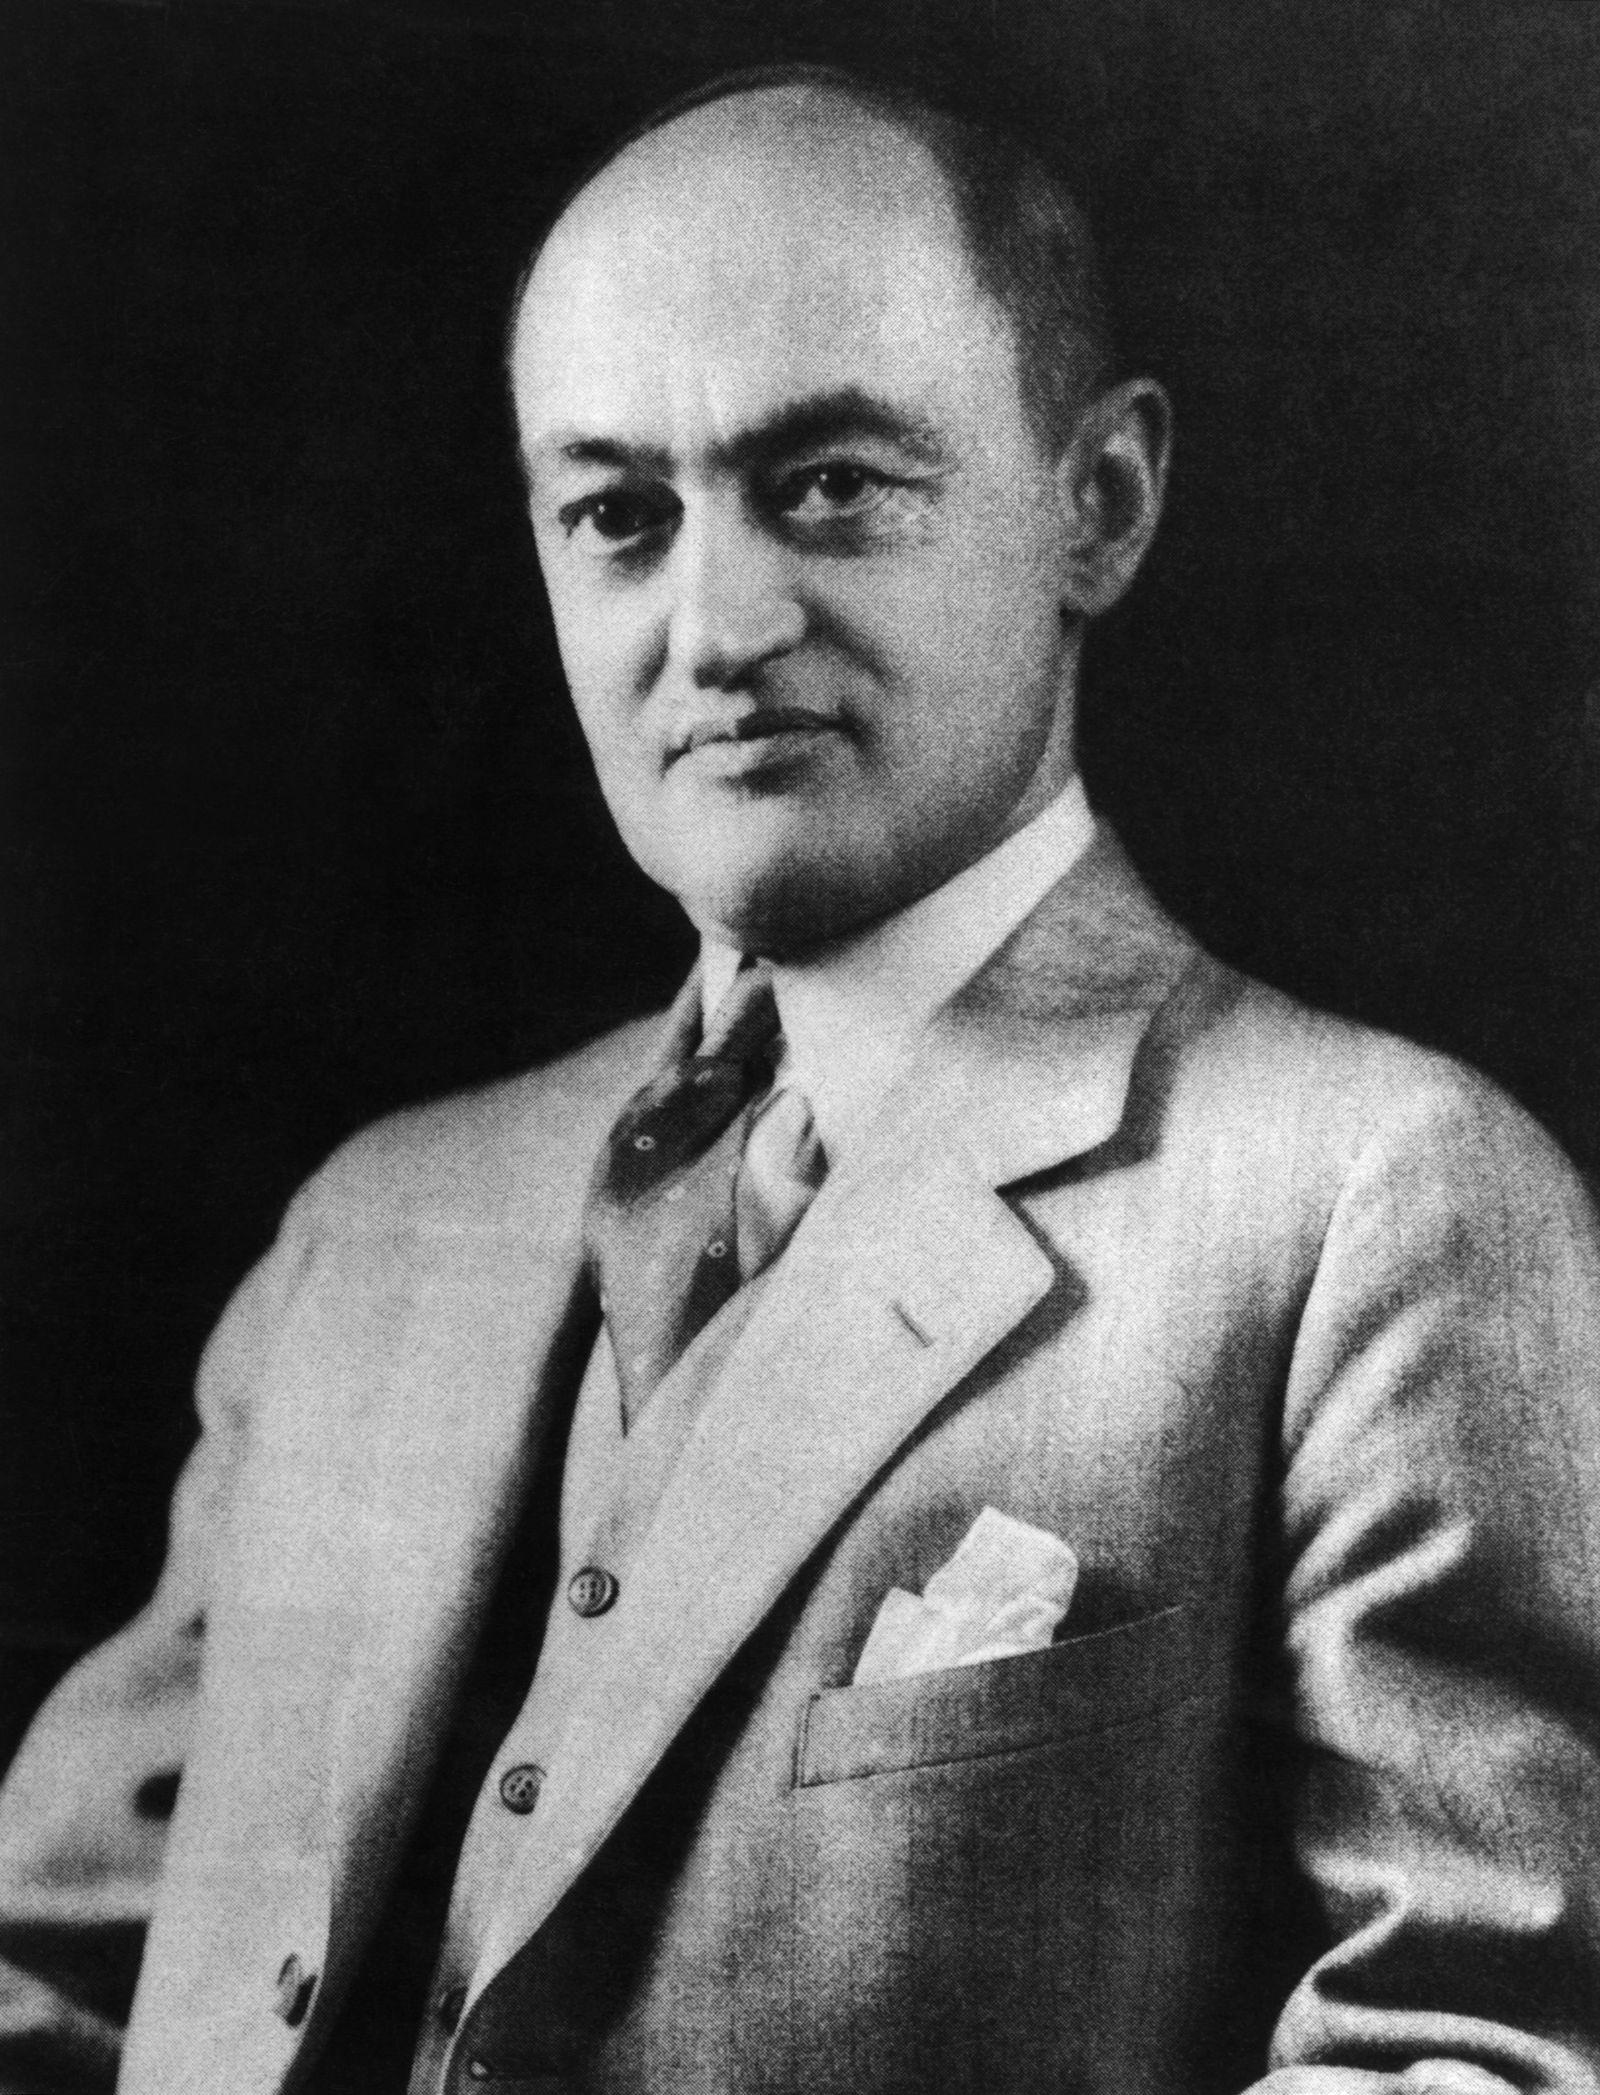 NICHT MEHR VERWENDEN! - Joseph Schumpeter